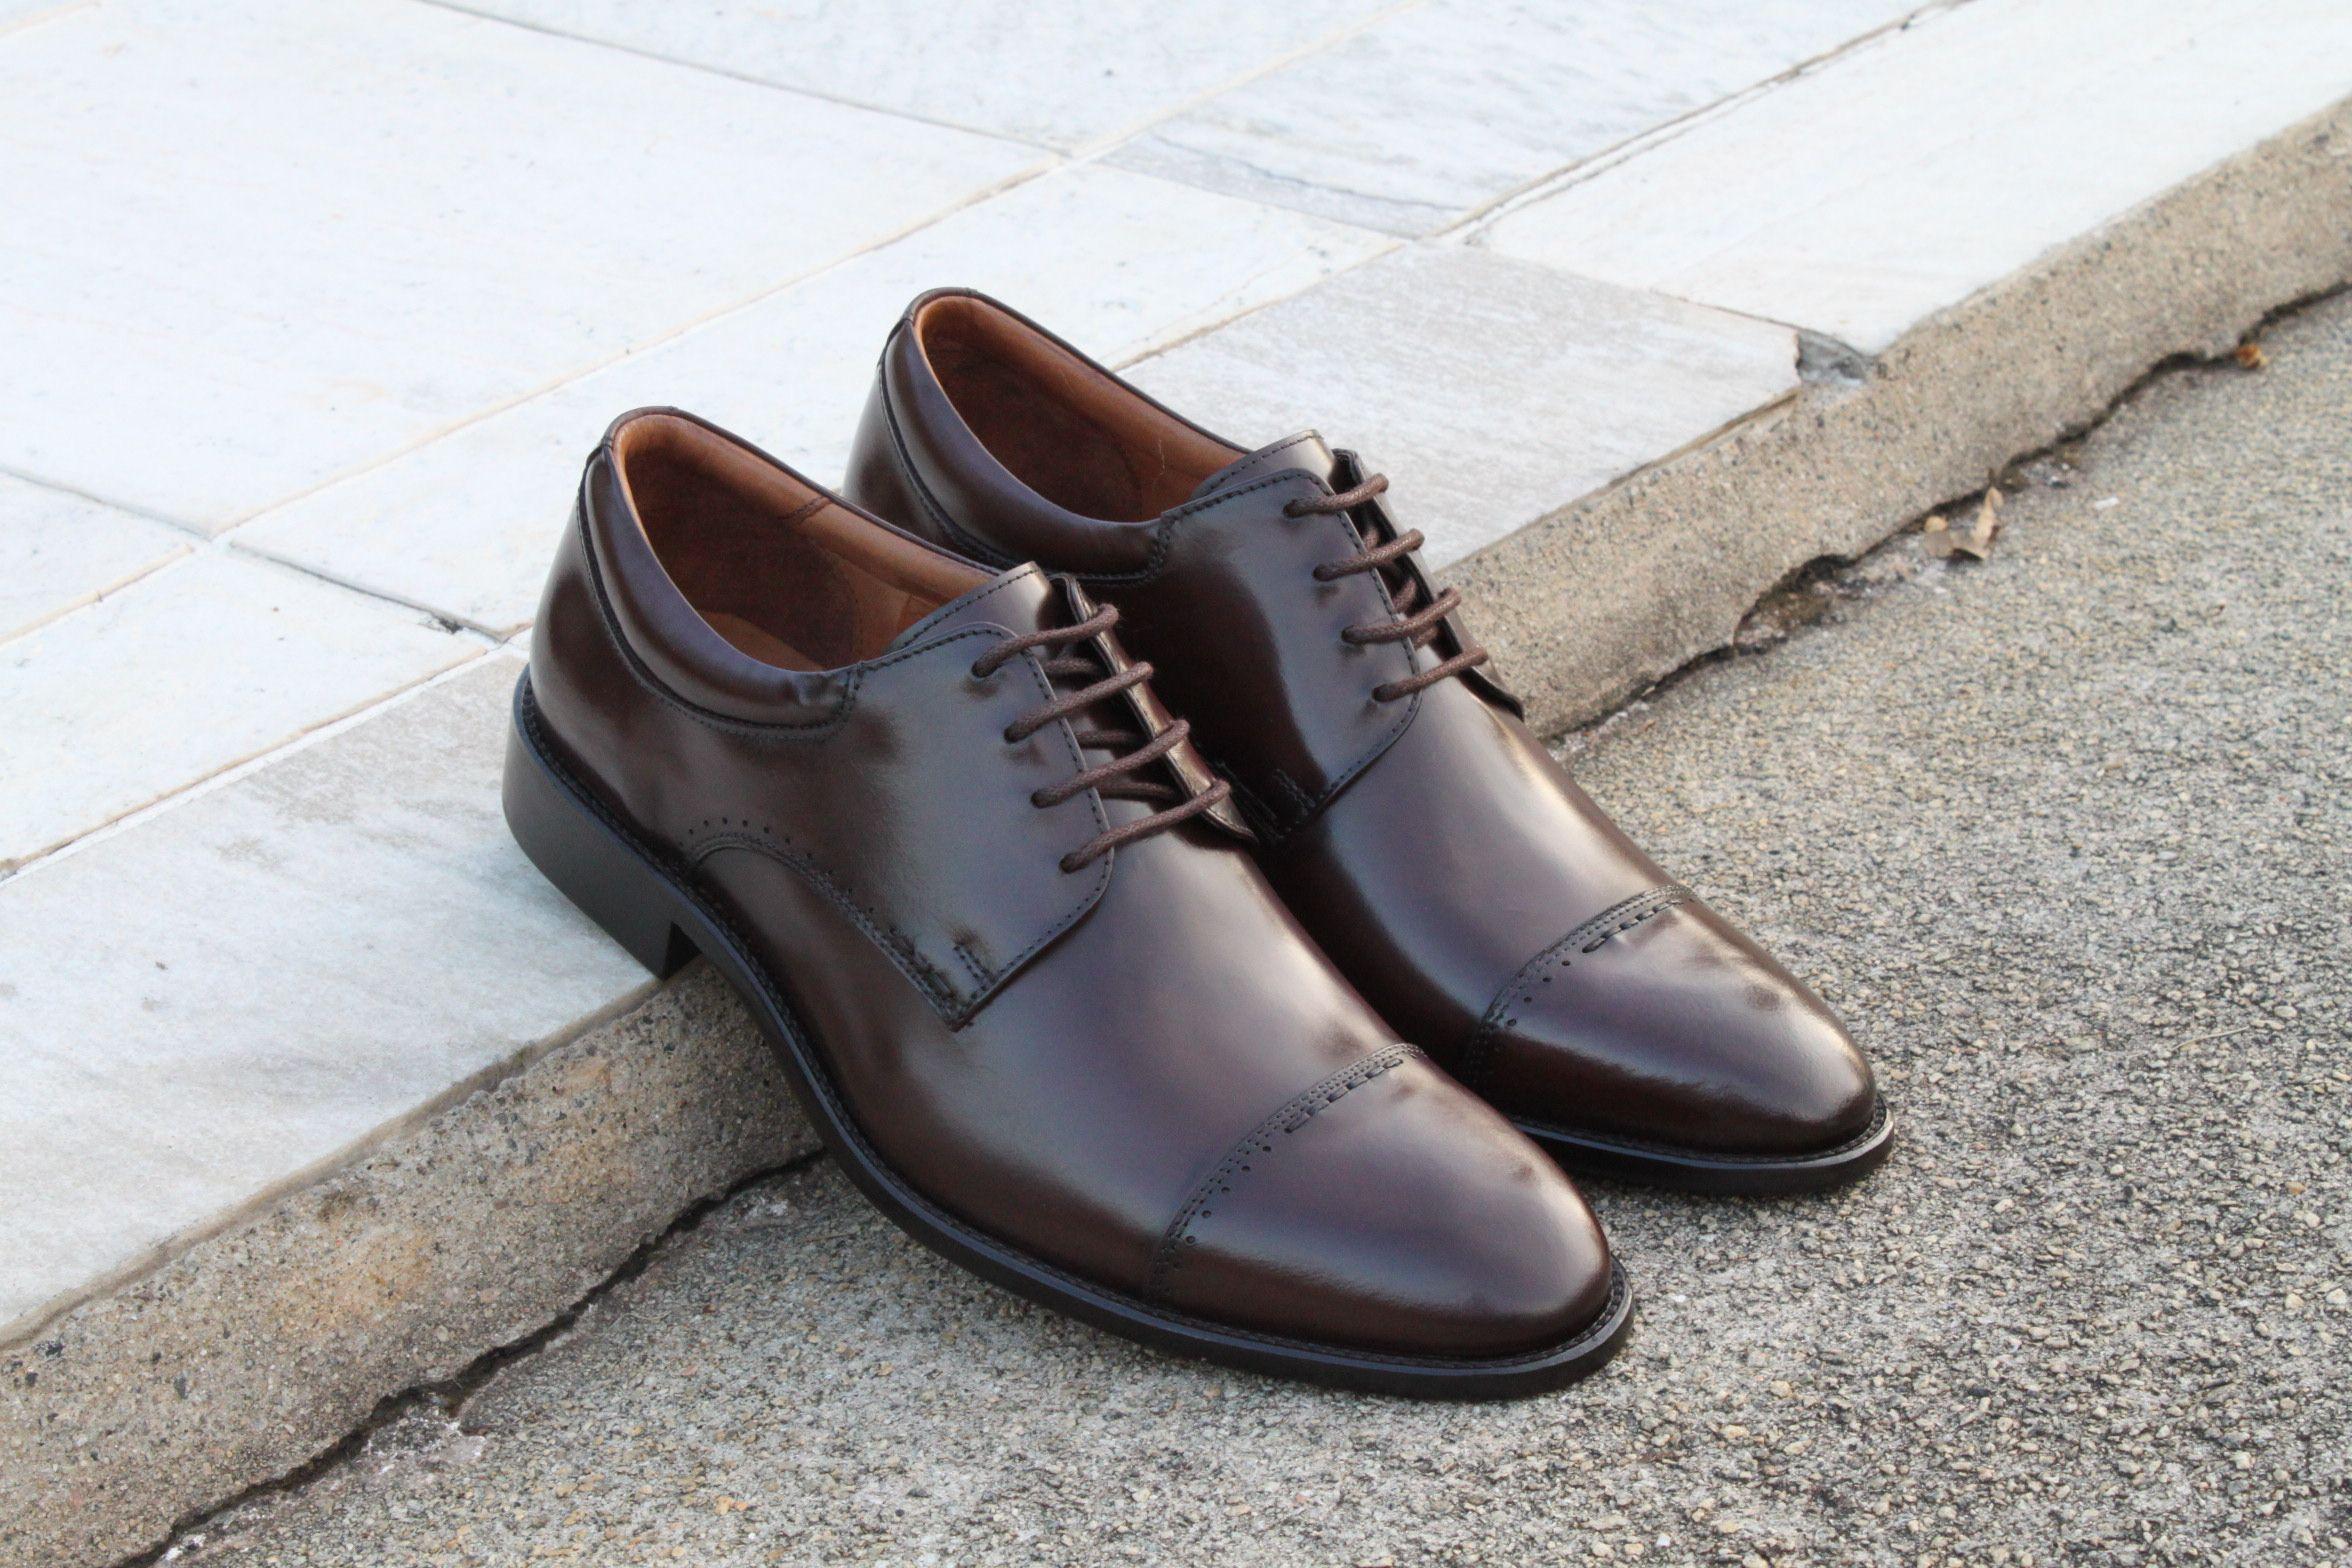 6c16d08ed Sapato Social Masculino Derby CNS Gary em Couro cor Mouro, com sola de couro  e